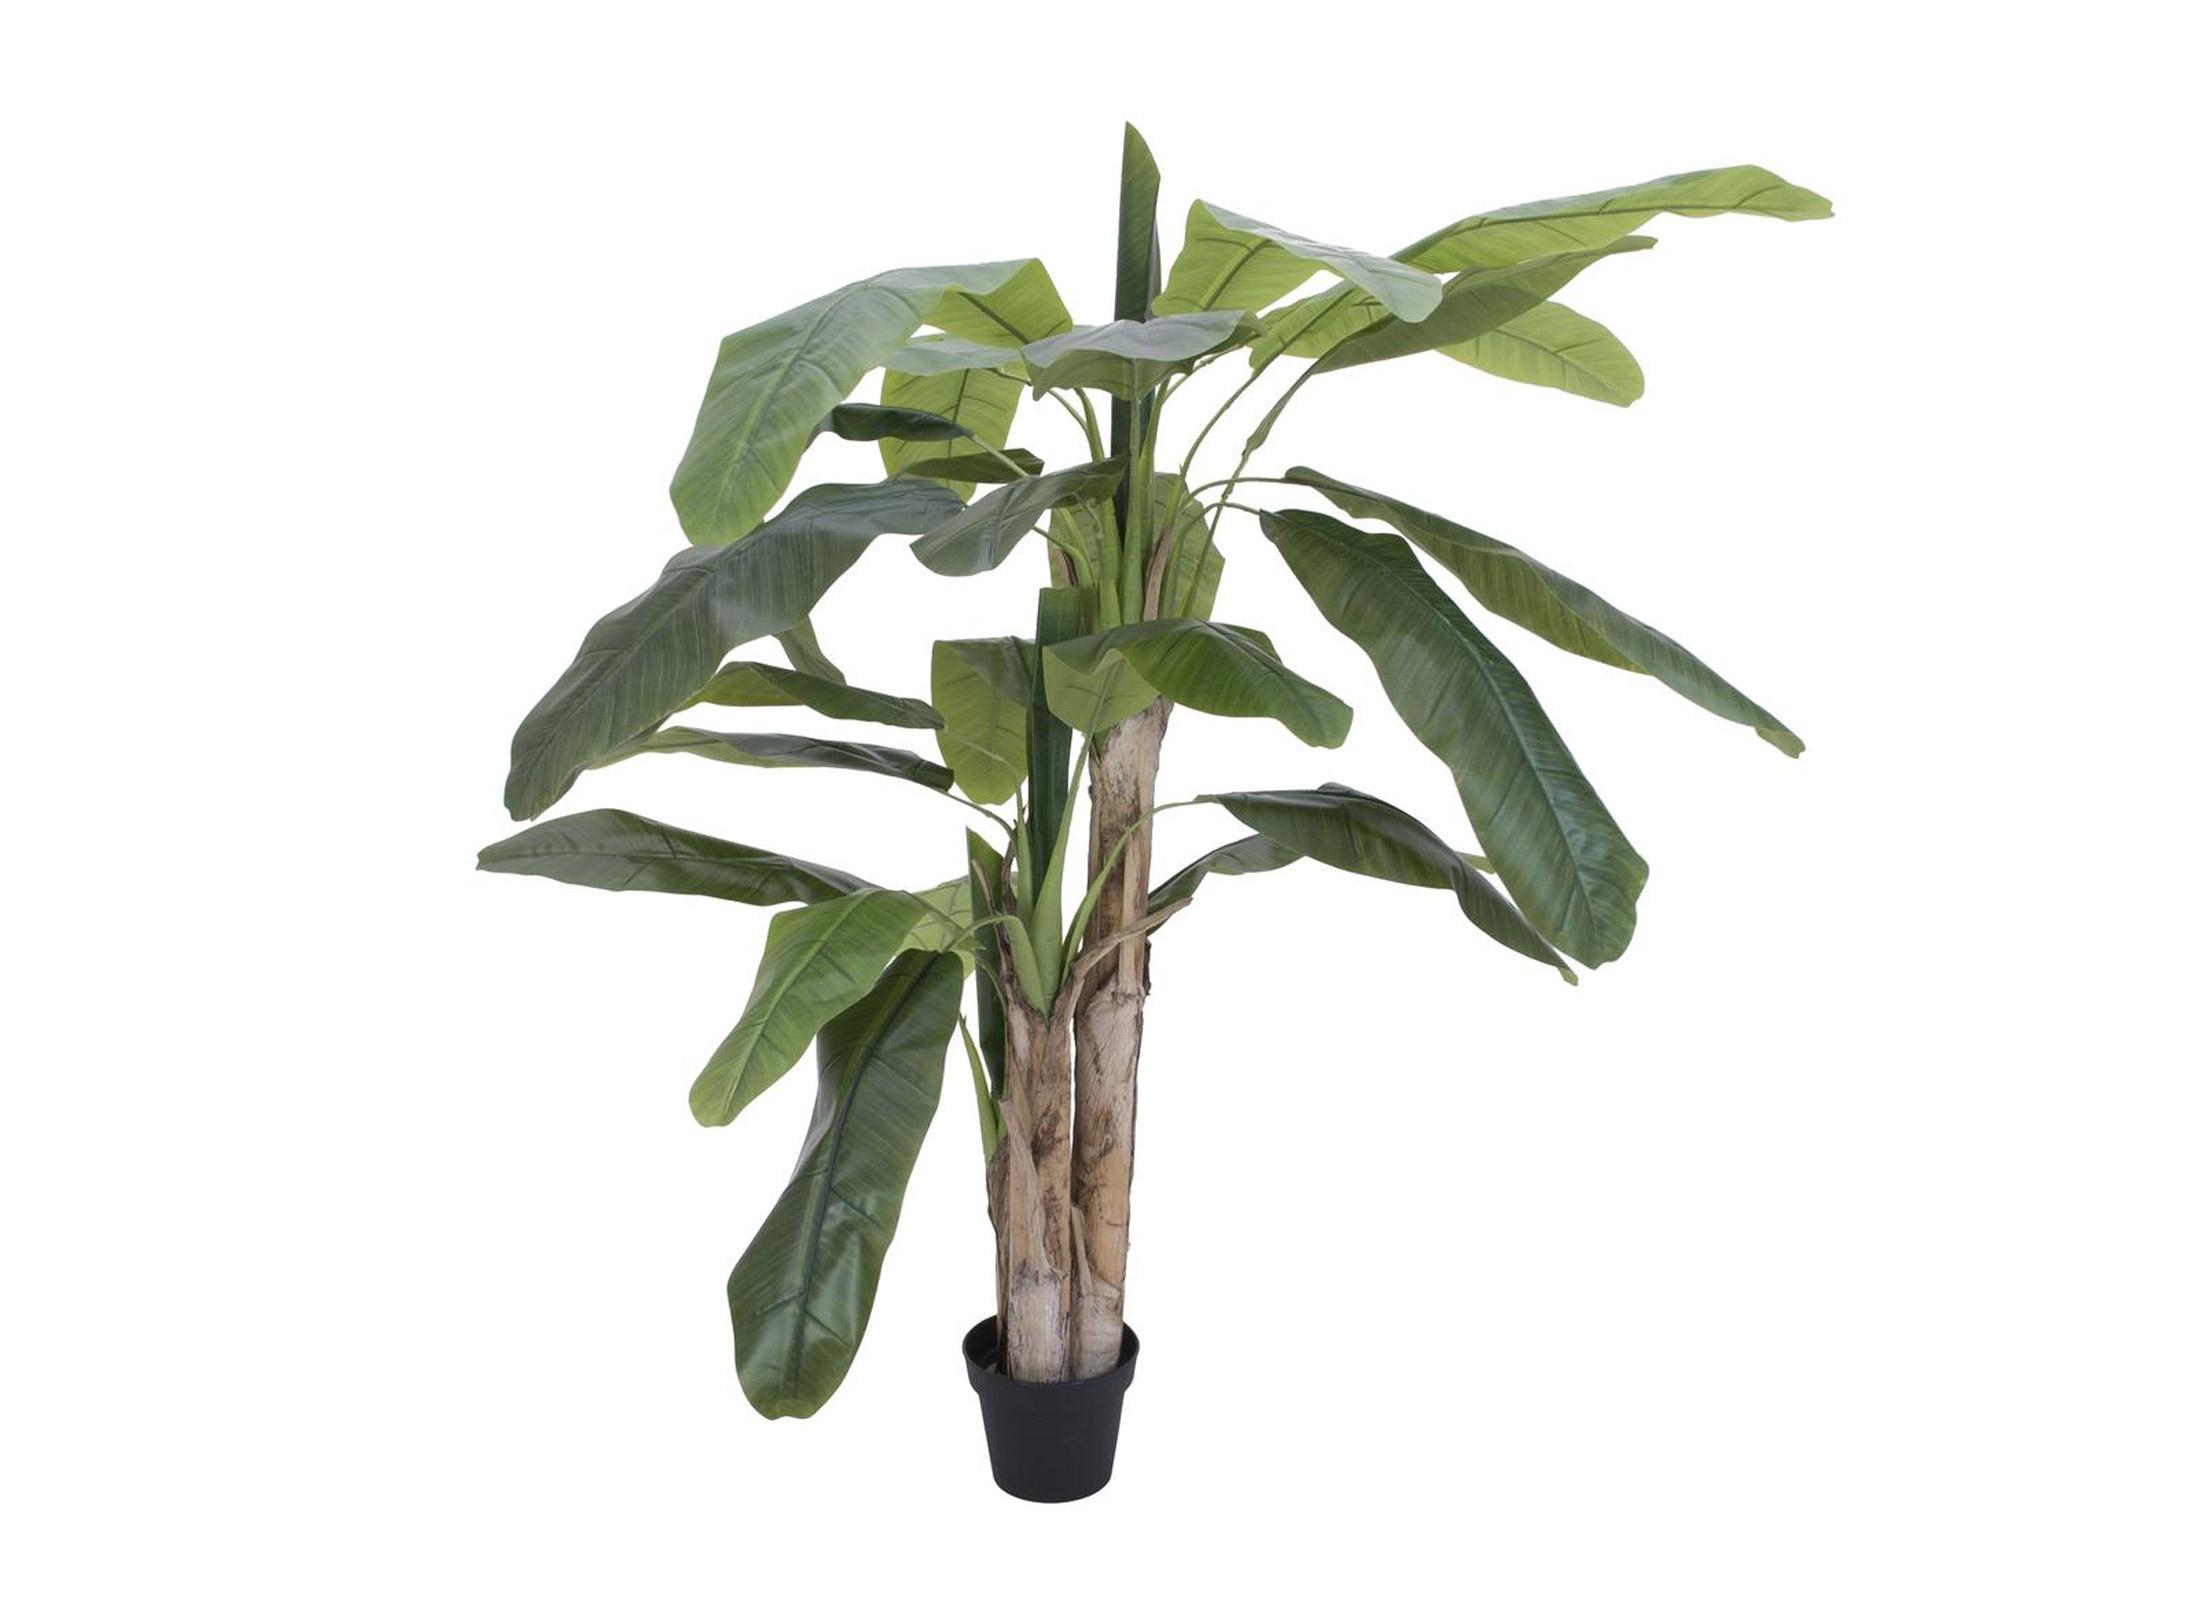 Captivating Artificial Banana Tree Greens Nearly Natural Plants 5997 ...